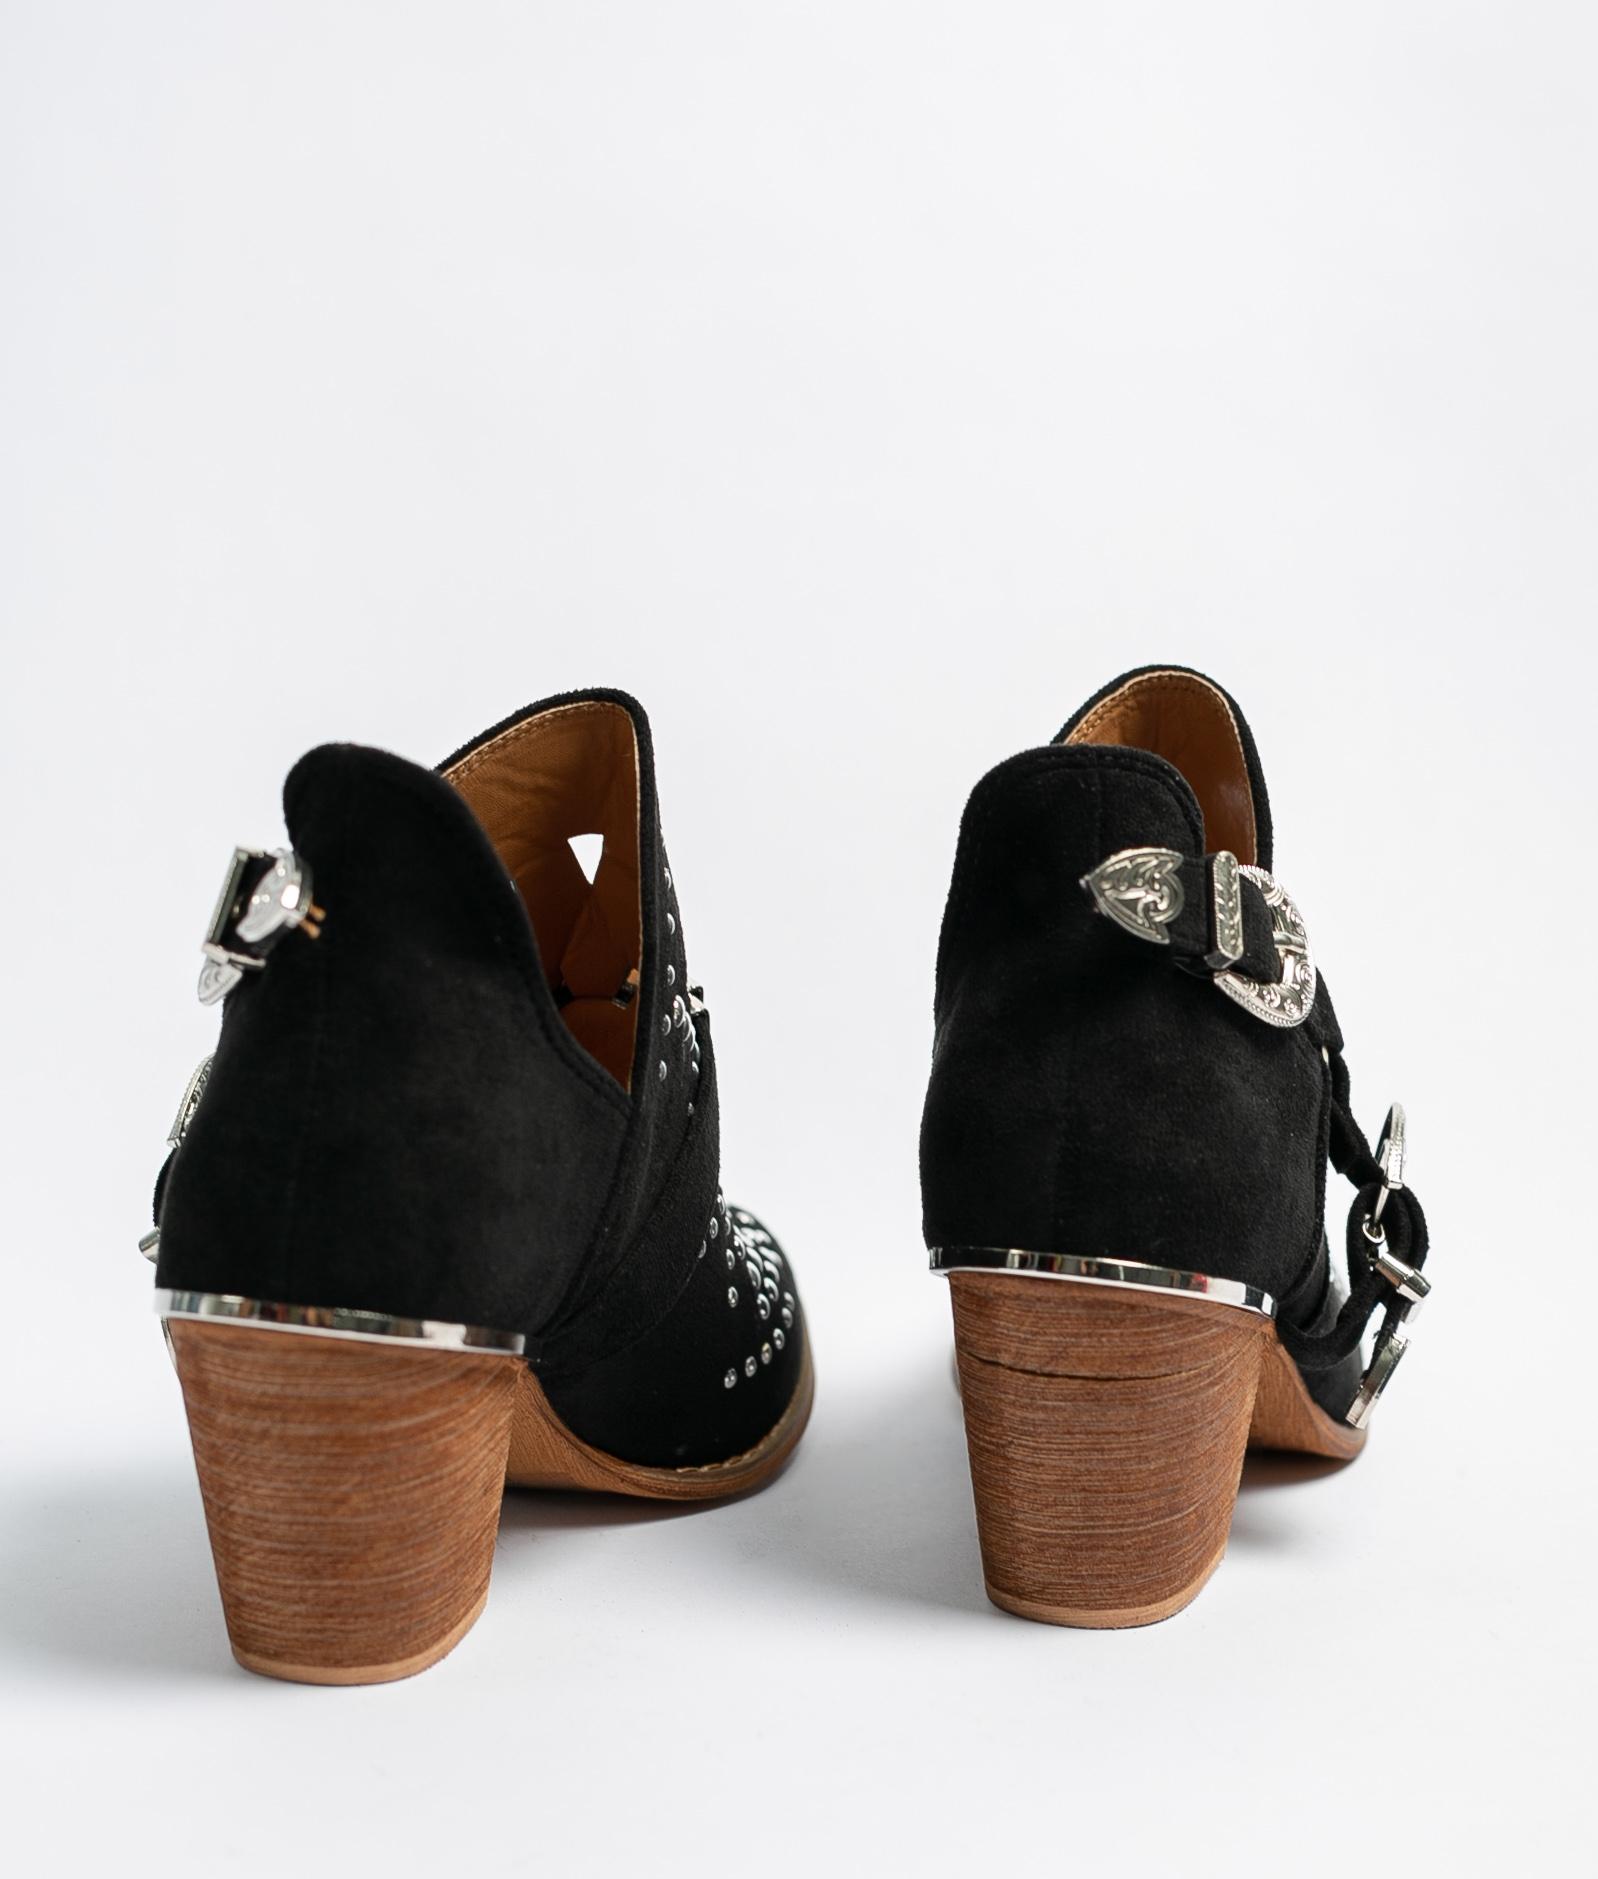 Boot Petite Charisa - Noir